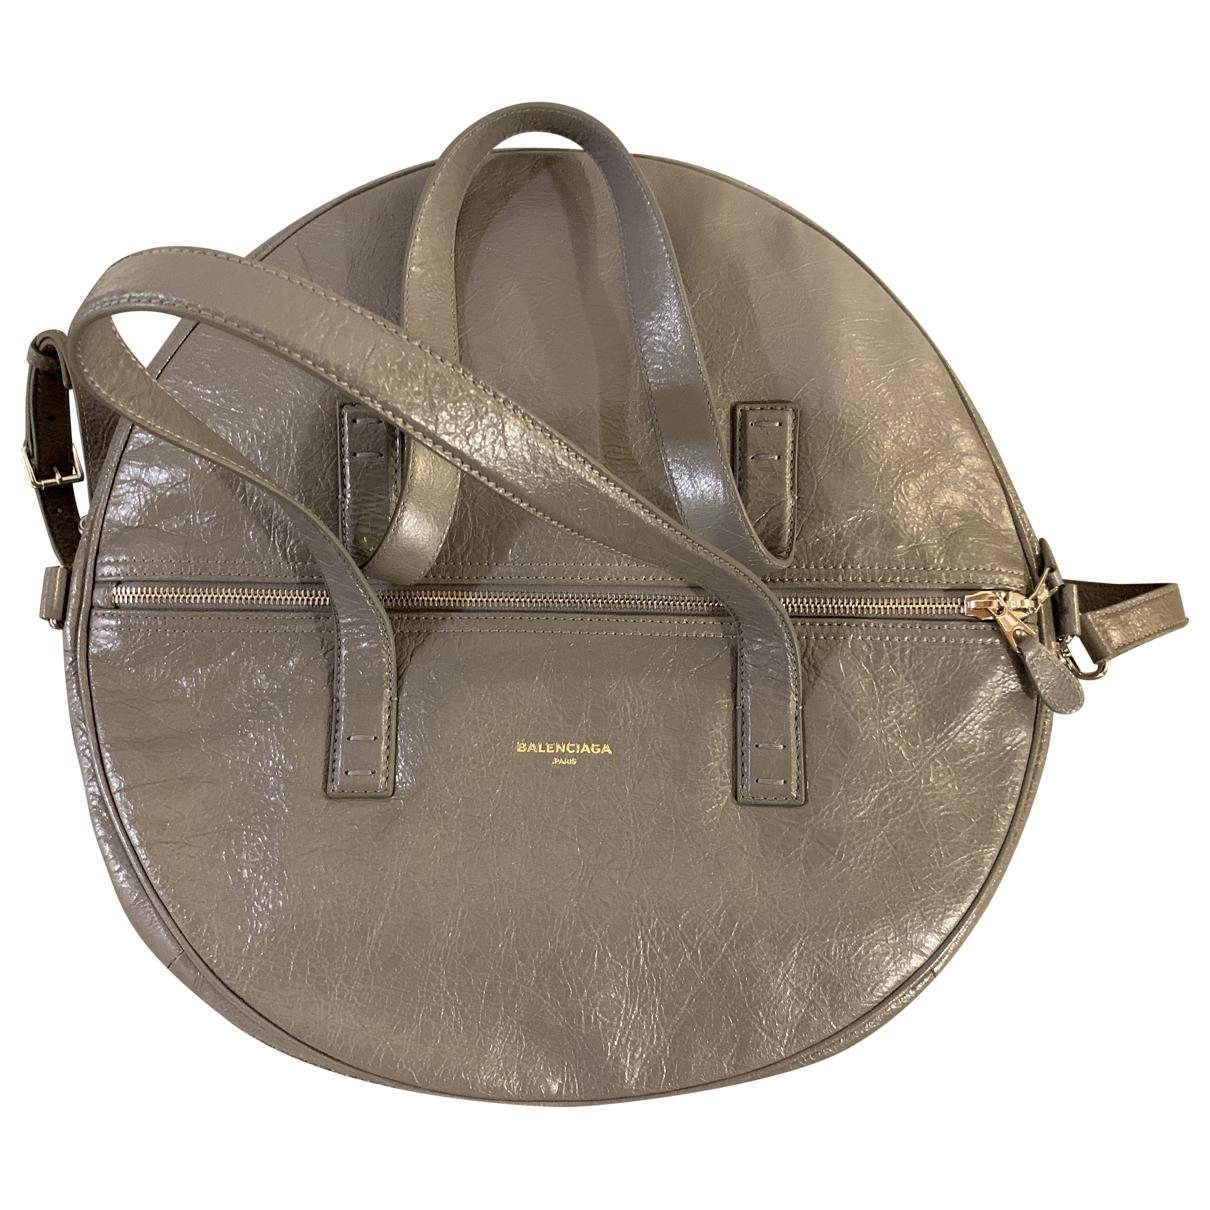 Balenciaga - Sac a main Air Hobo pour femme en cuir - gris